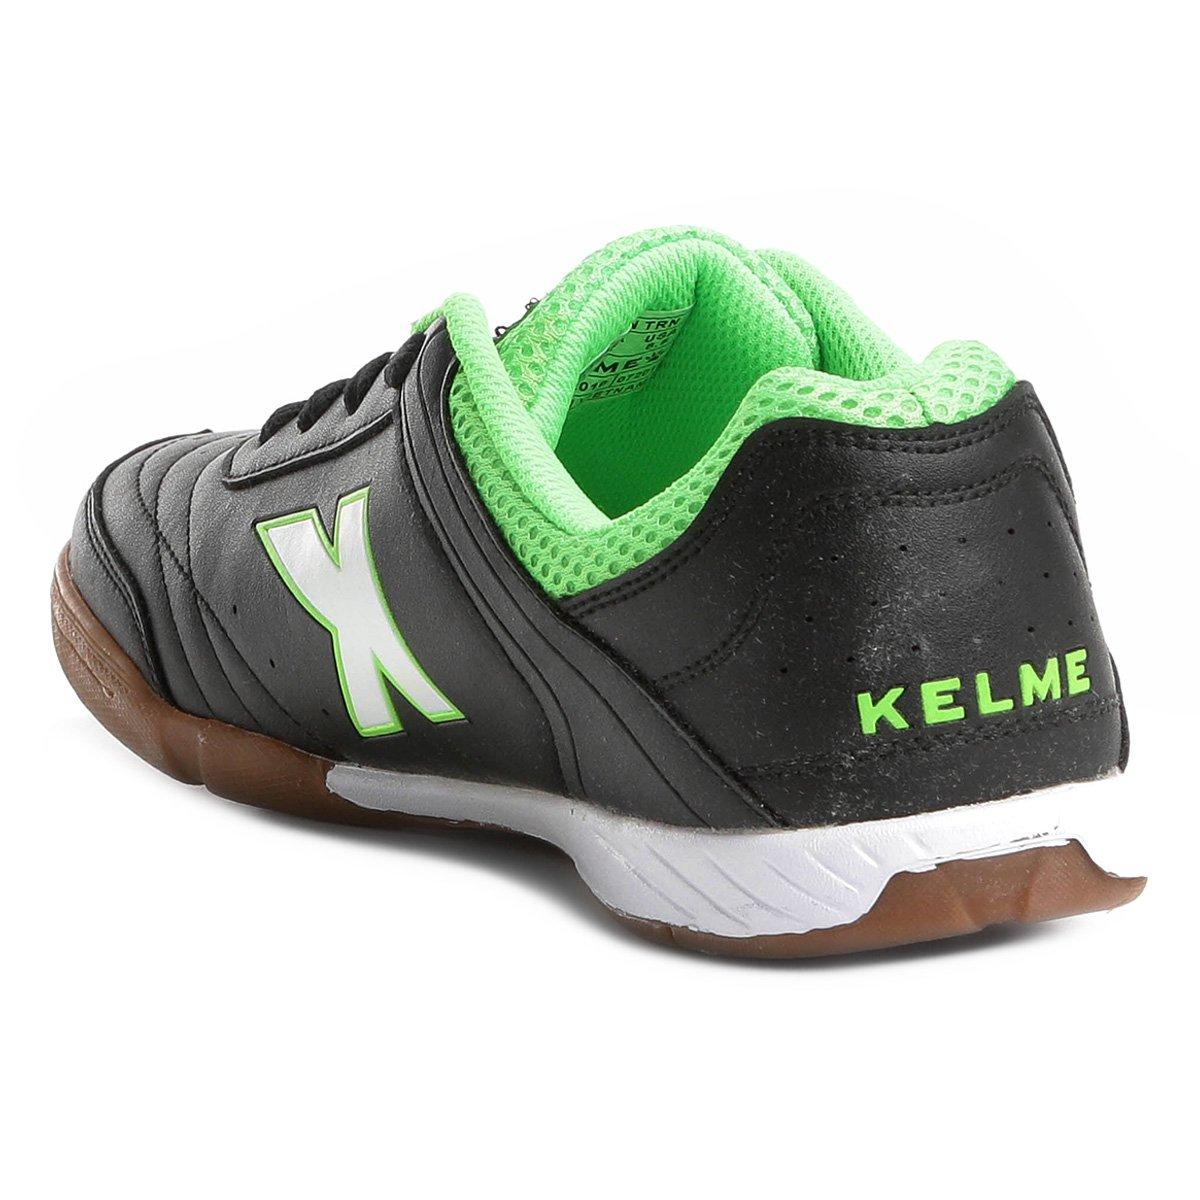 7cb0af744d Chuteira Futsal Kelme Precision Trn - Preto e verde - Compre Agora ...